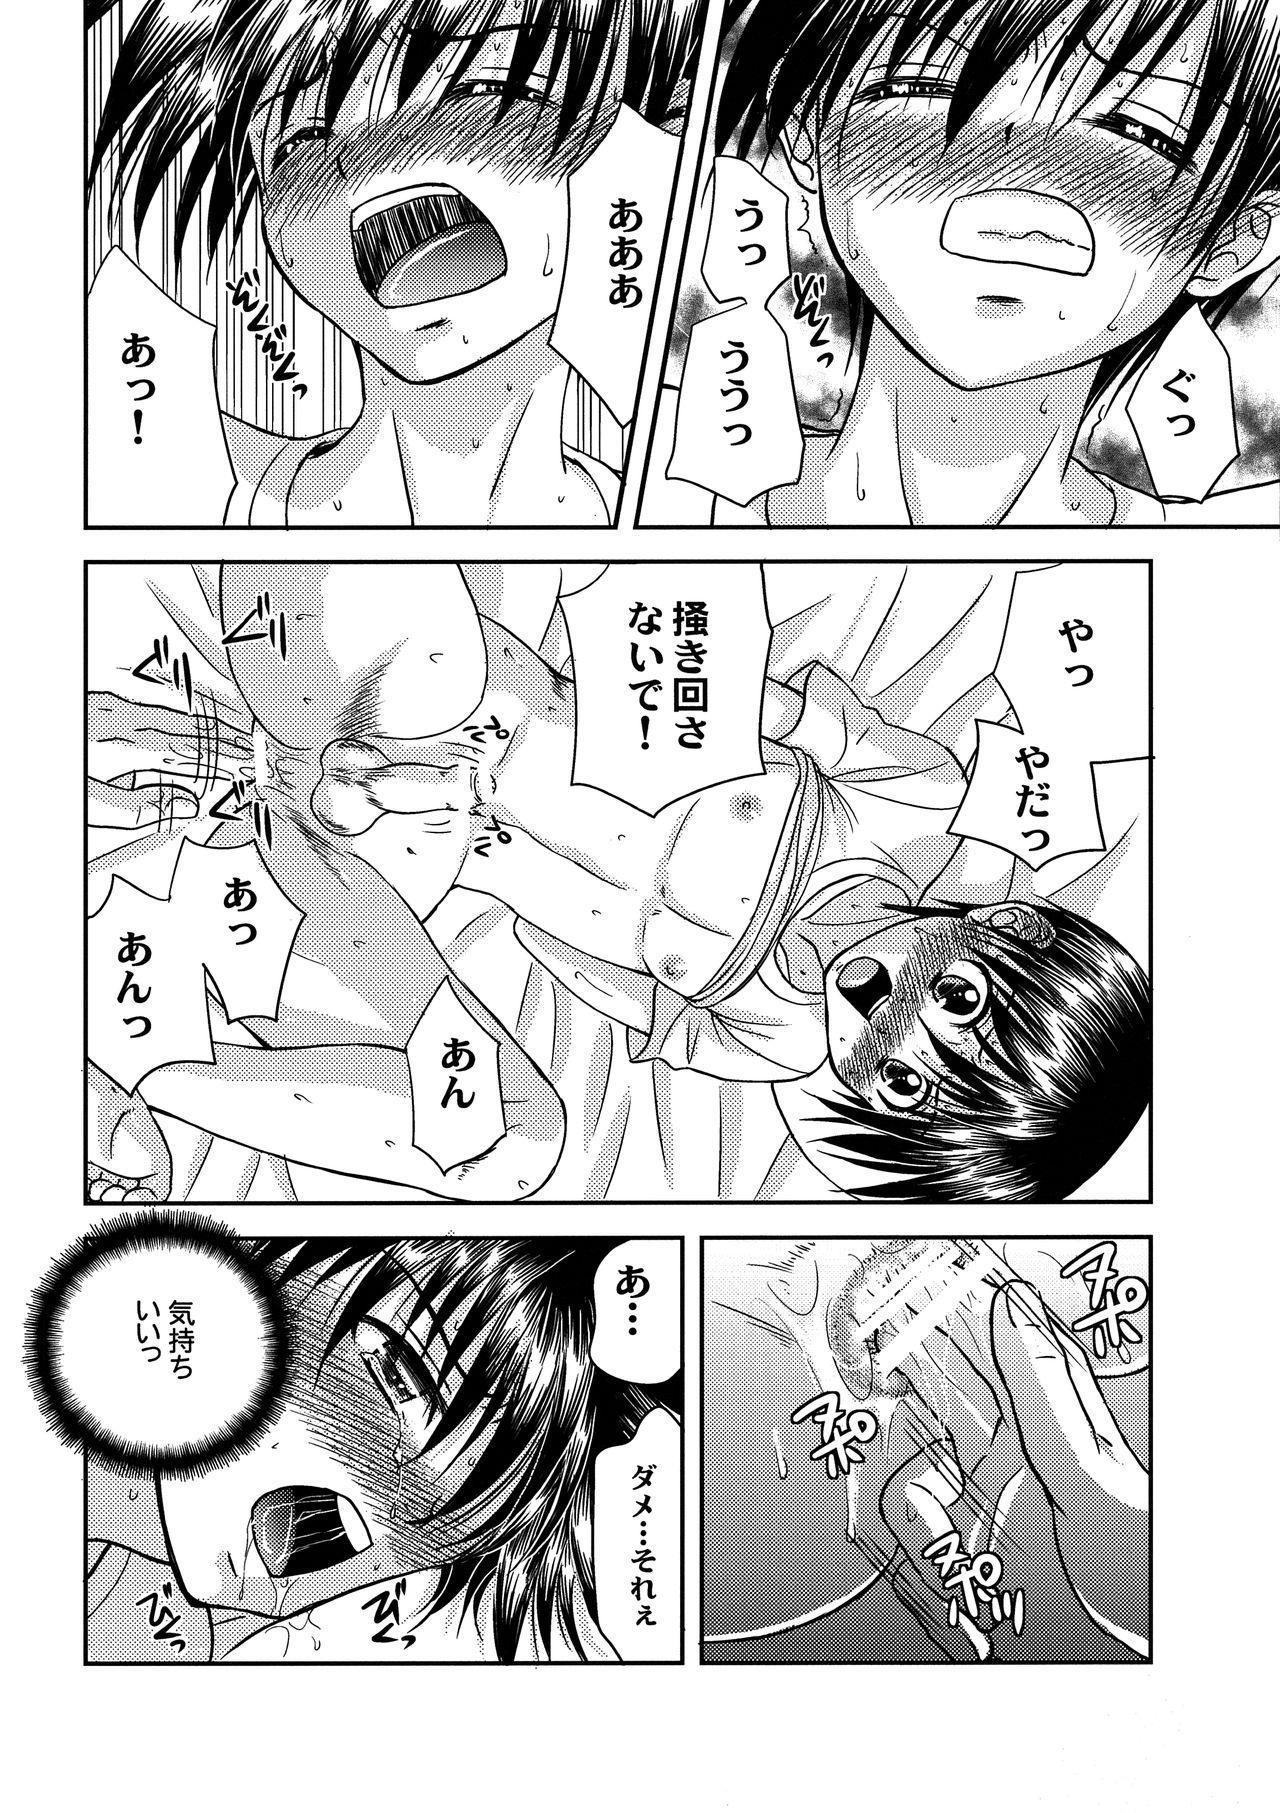 Bishounen Kinbaku Nisshi 13 24